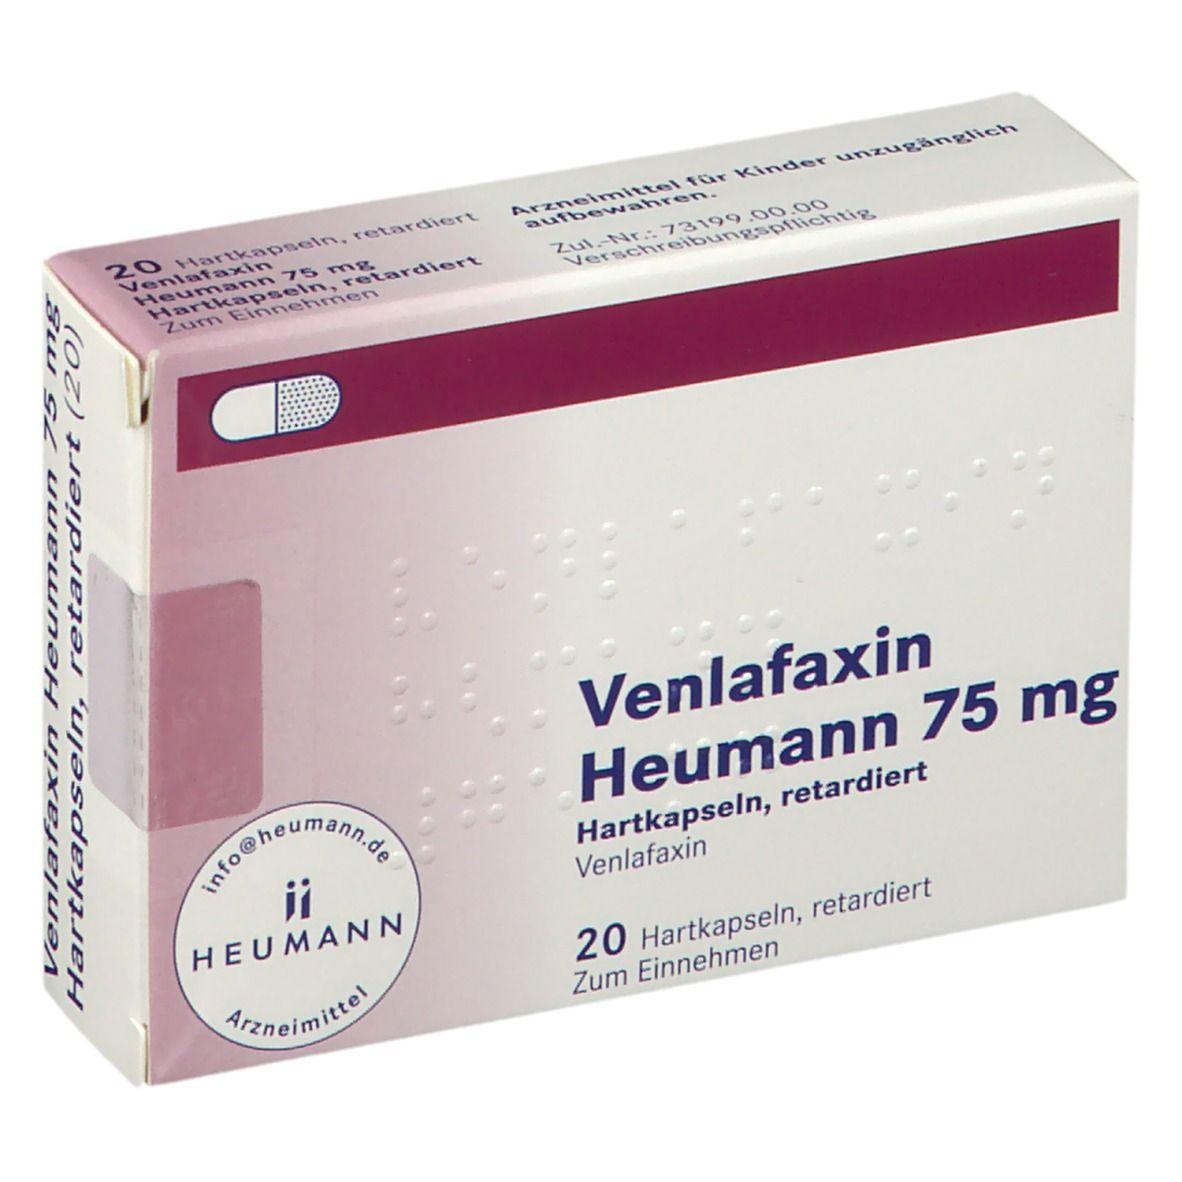 Venlafaxin Heumann 20 mg Hartkapseln, retardiert 20 St   shop ...